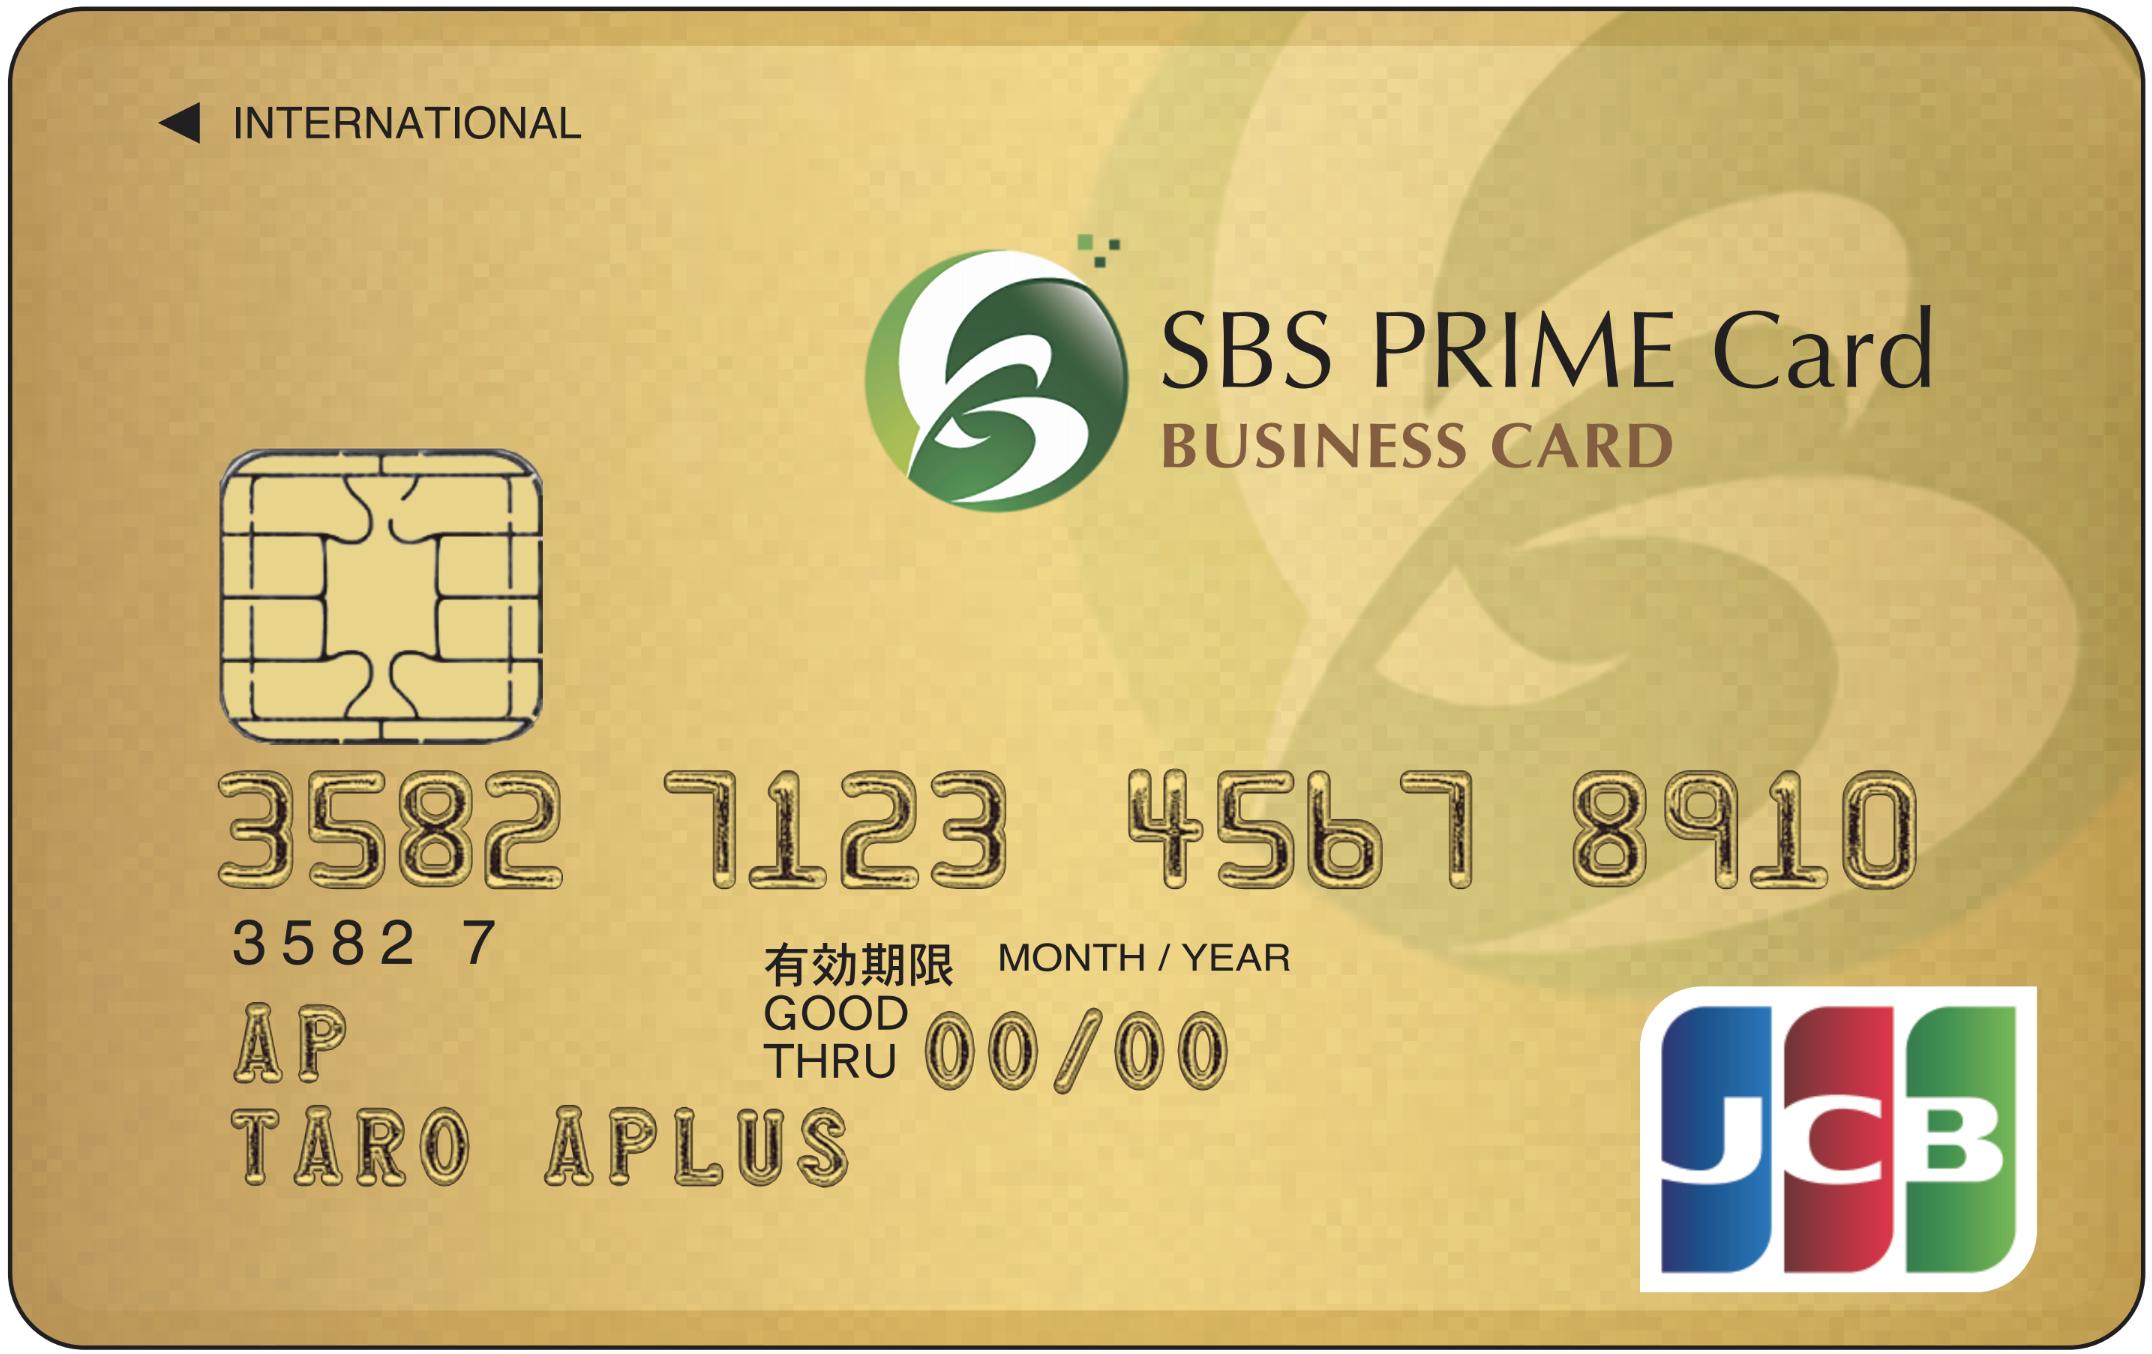 アプラスビジネスカードゴールドSBSPRIME